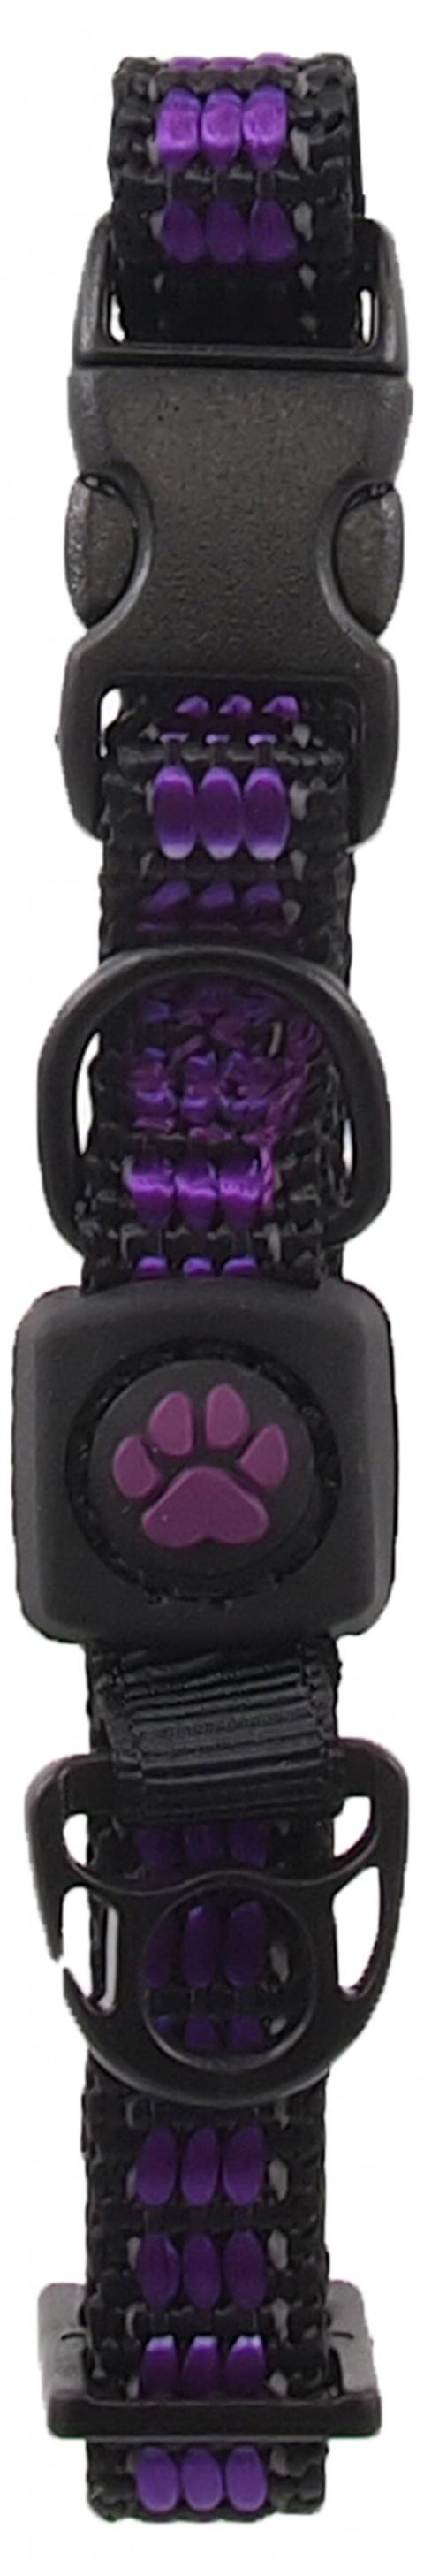 Obojek Active Dog Strong XS fialový 1x21-30cm